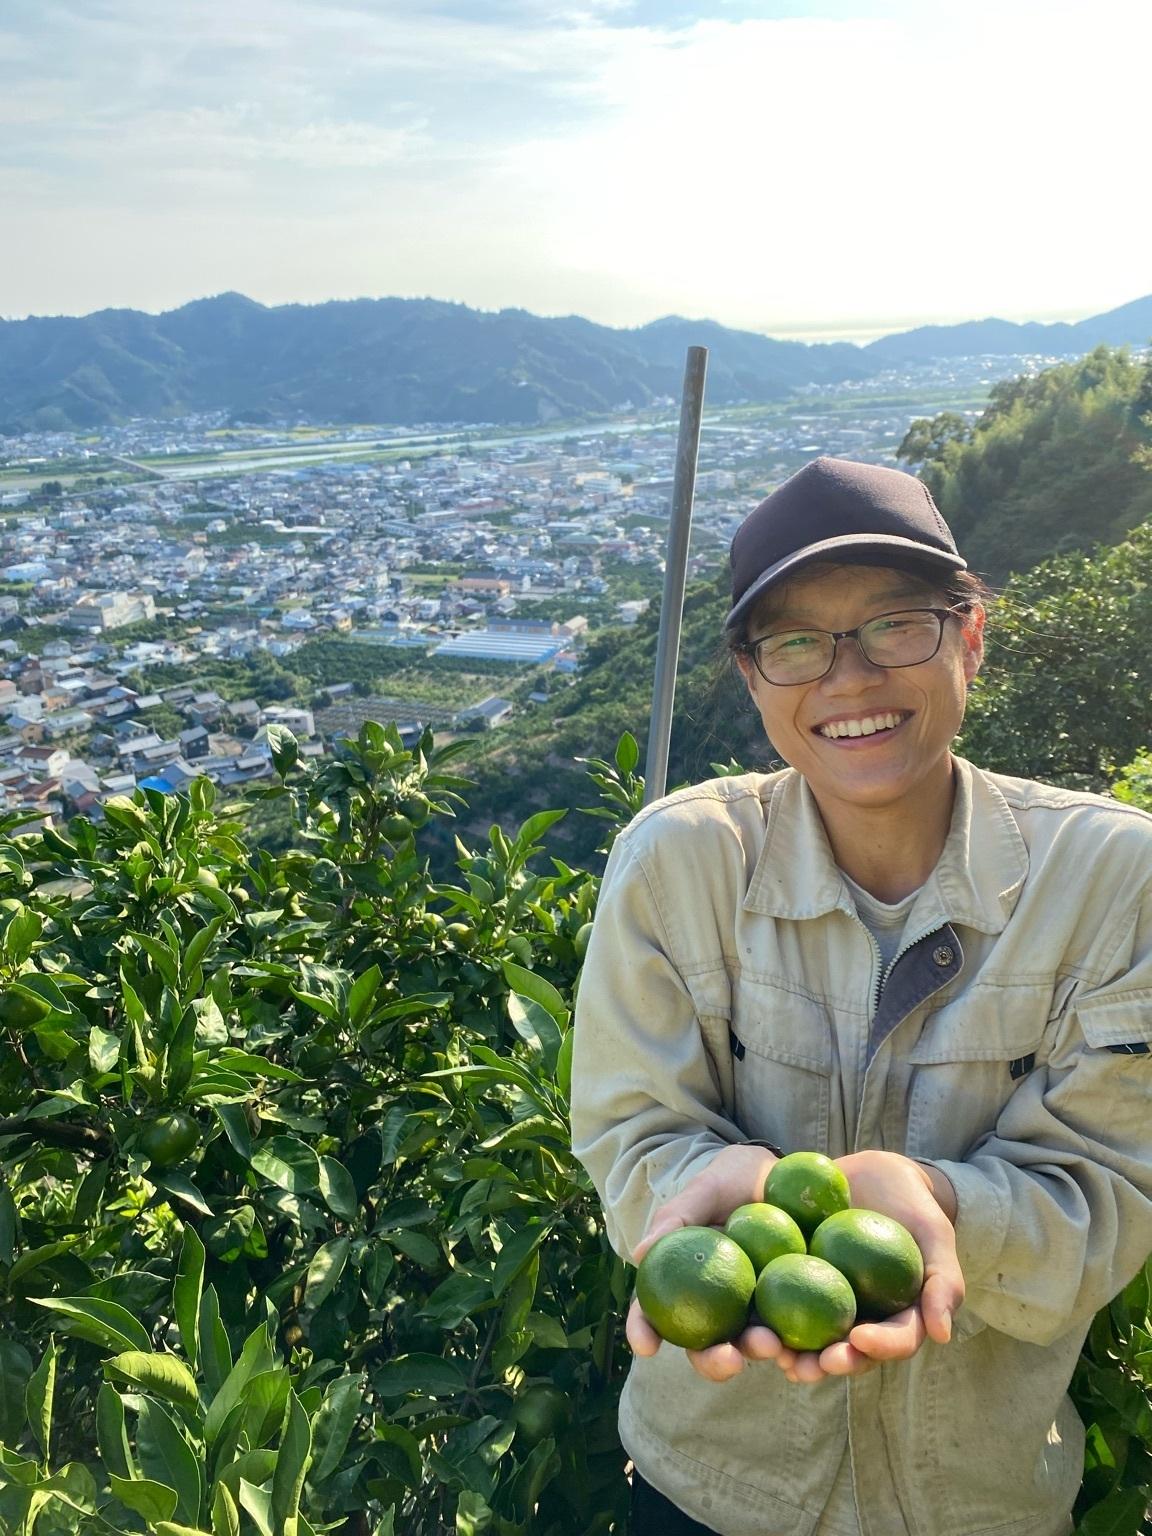 早和果樹園生産部が栽培した新林みかんをもつ岩倉主任